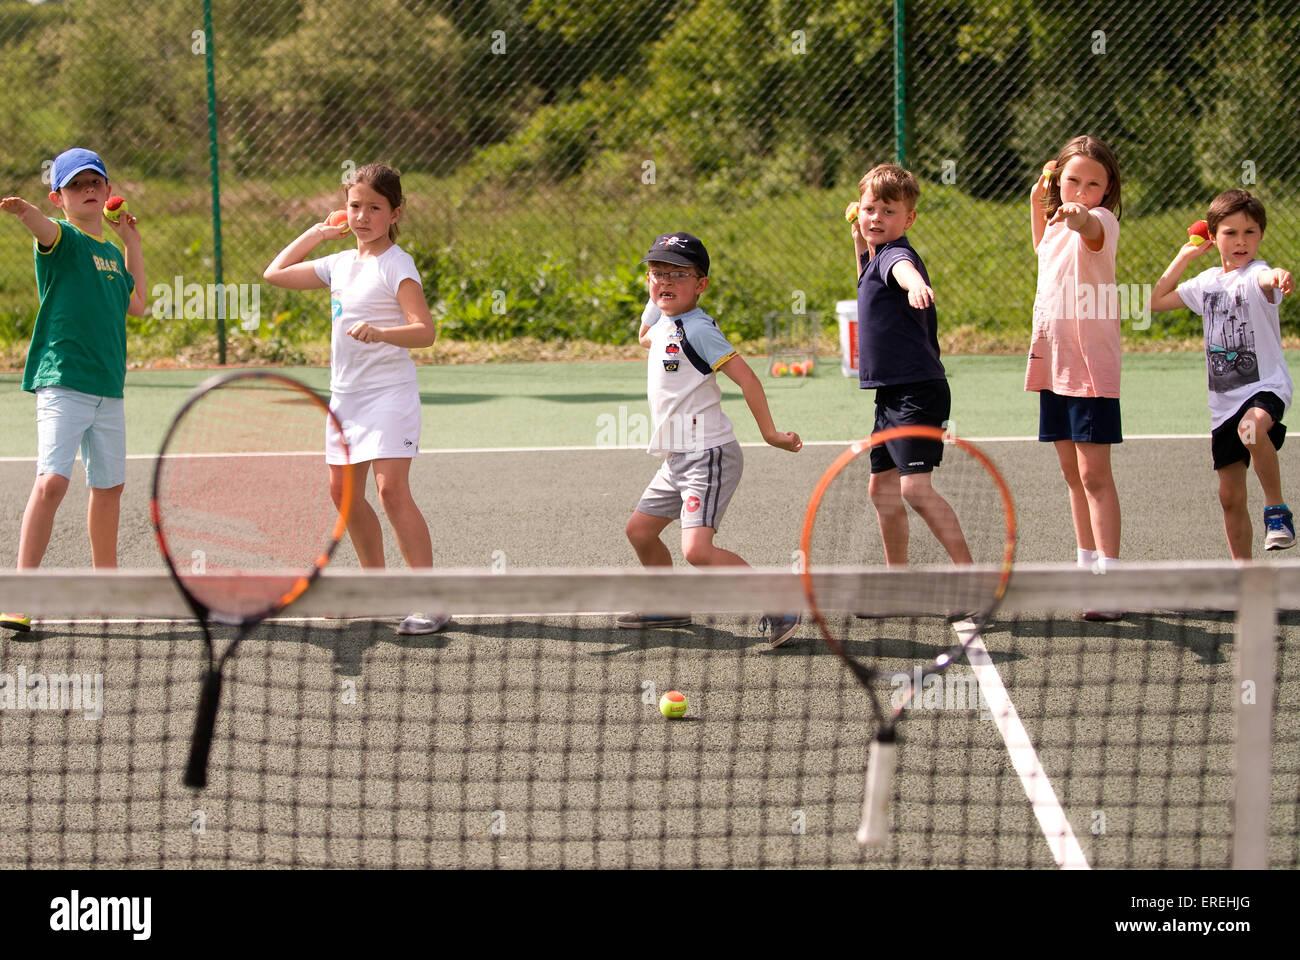 Niños jugando juegos de tenis en un evento de caridad de tenis, Headley, Hampshire, Reino Unido. Imagen De Stock